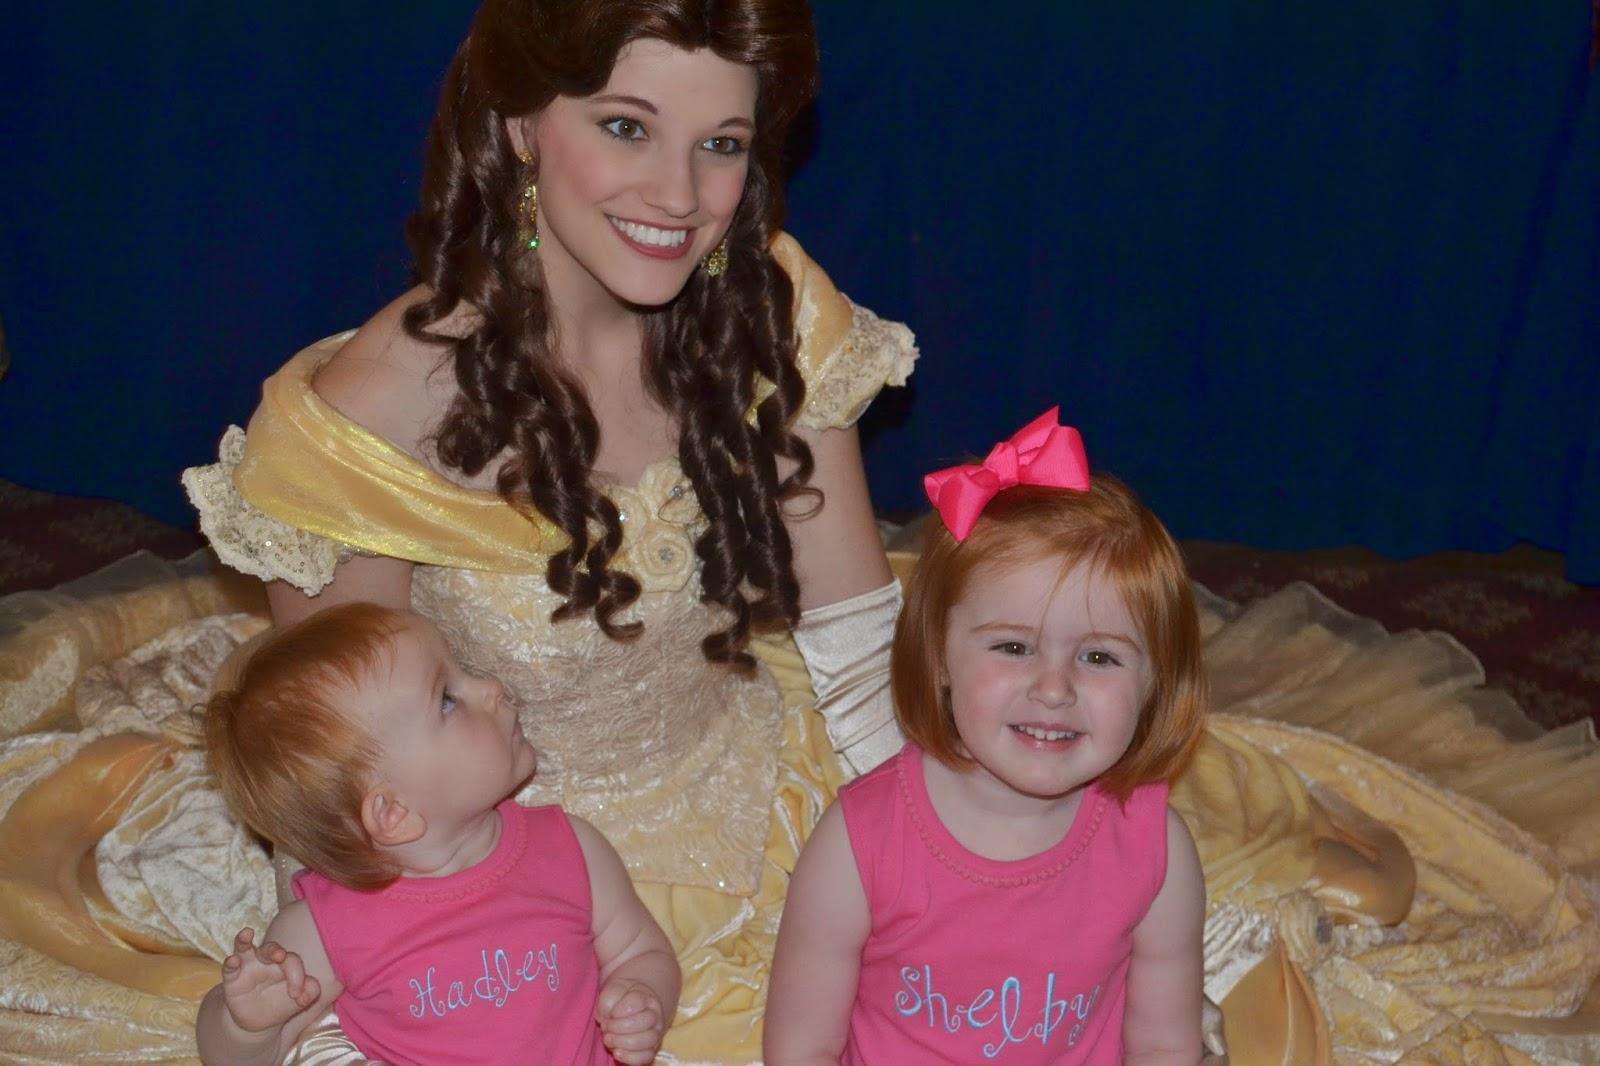 Belle Disney World 2014 Last day at disney worldDisney World Belle 2014